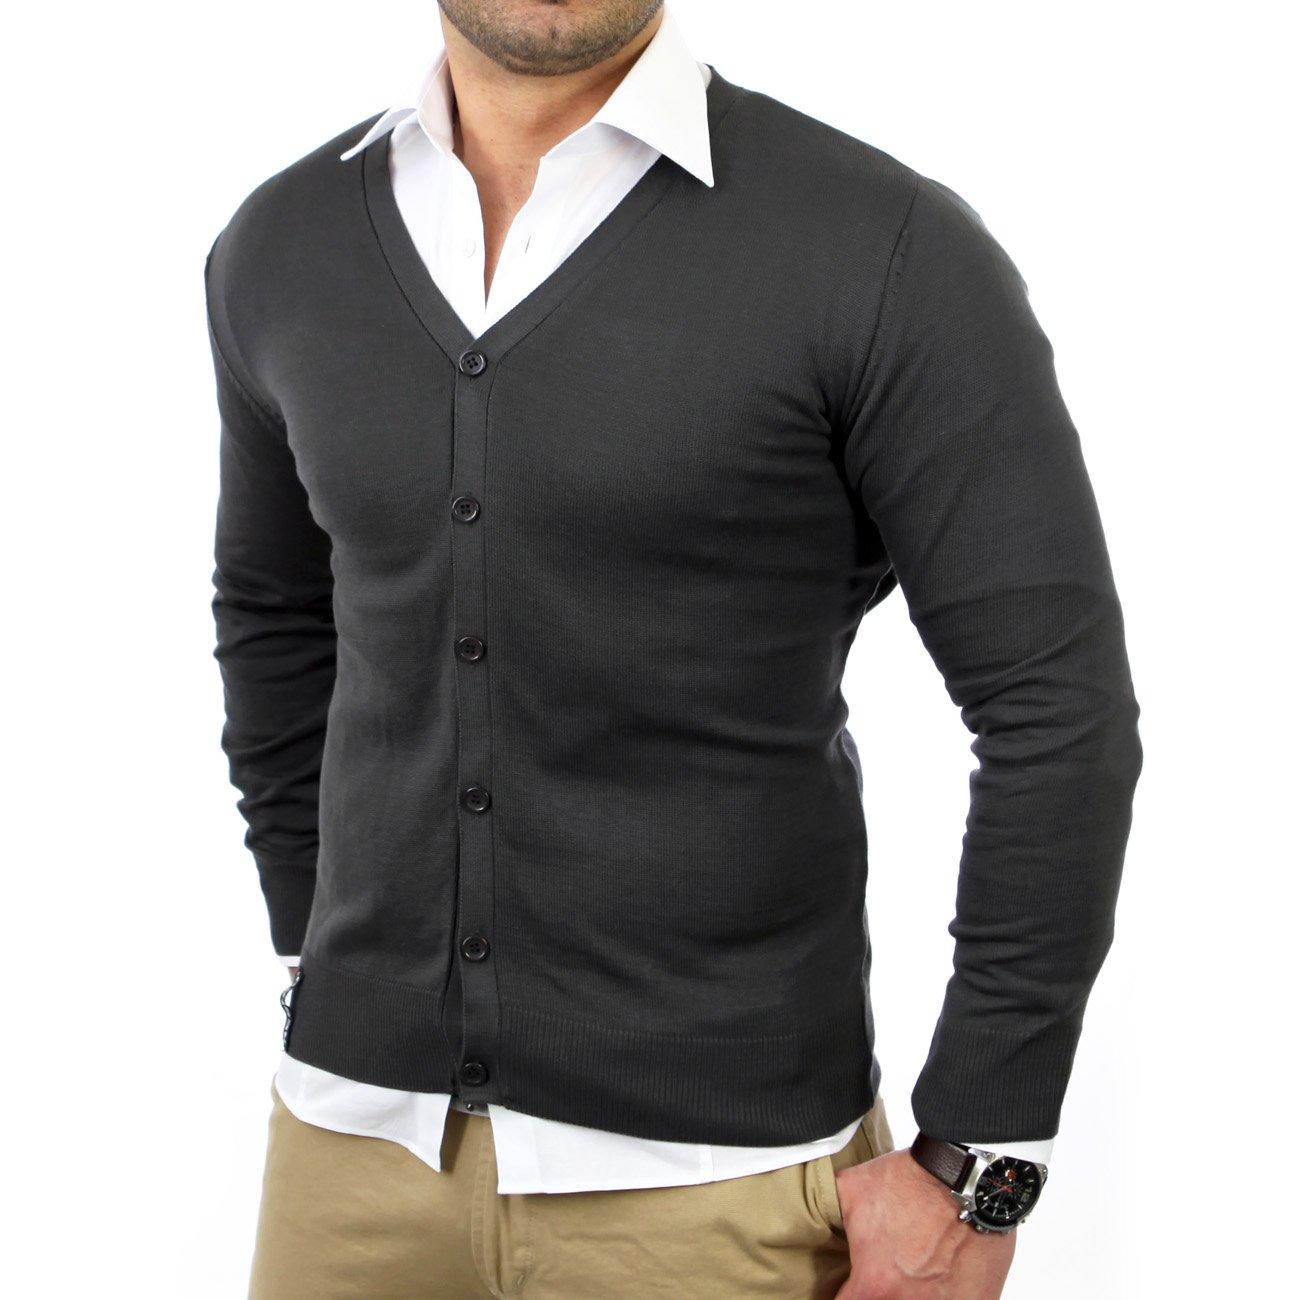 herren cardigan schwarz lang cashmere sweater england. Black Bedroom Furniture Sets. Home Design Ideas